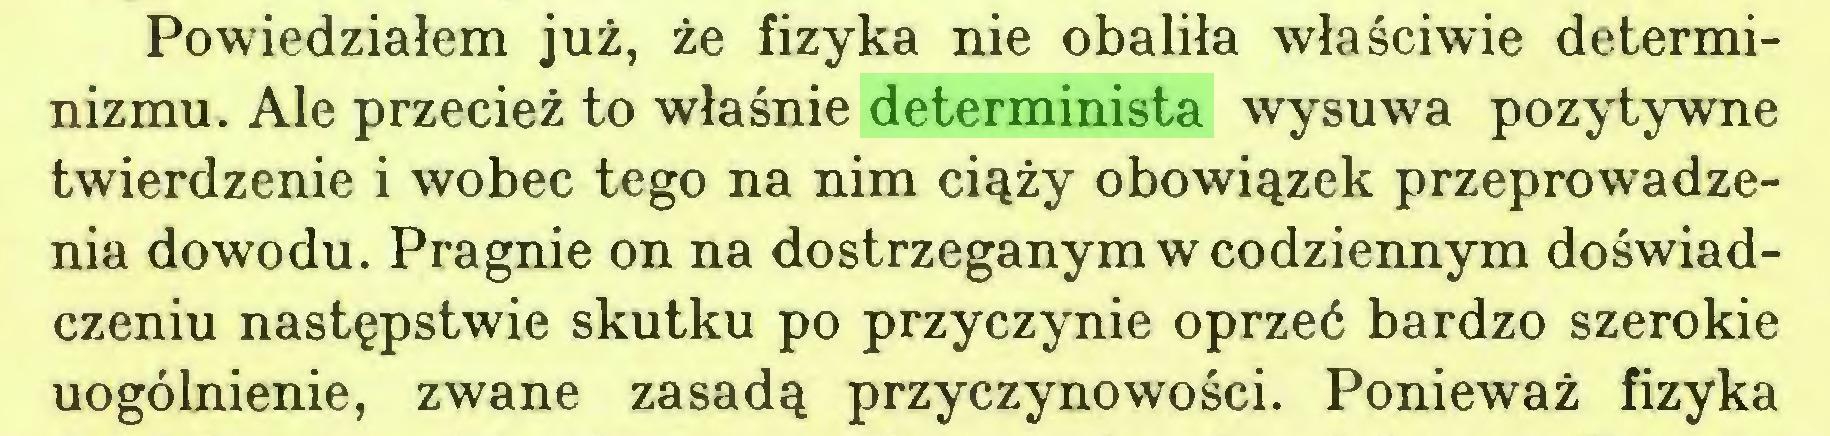 (...) Powiedziałem już, że fizyka nie obaliła właściwie determinizmu. Ale przecież to właśnie determinista wysuwa pozytywne twierdzenie i wobec tego na nim ciąży obowiązek przeprowadzenia dowodu. Pragnie on na dostrzeganym w codziennym doświadczeniu następstwie skutku po przyczynie oprzeć bardzo szerokie uogólnienie, zwane zasadą przyczynowości. Ponieważ fizyka...